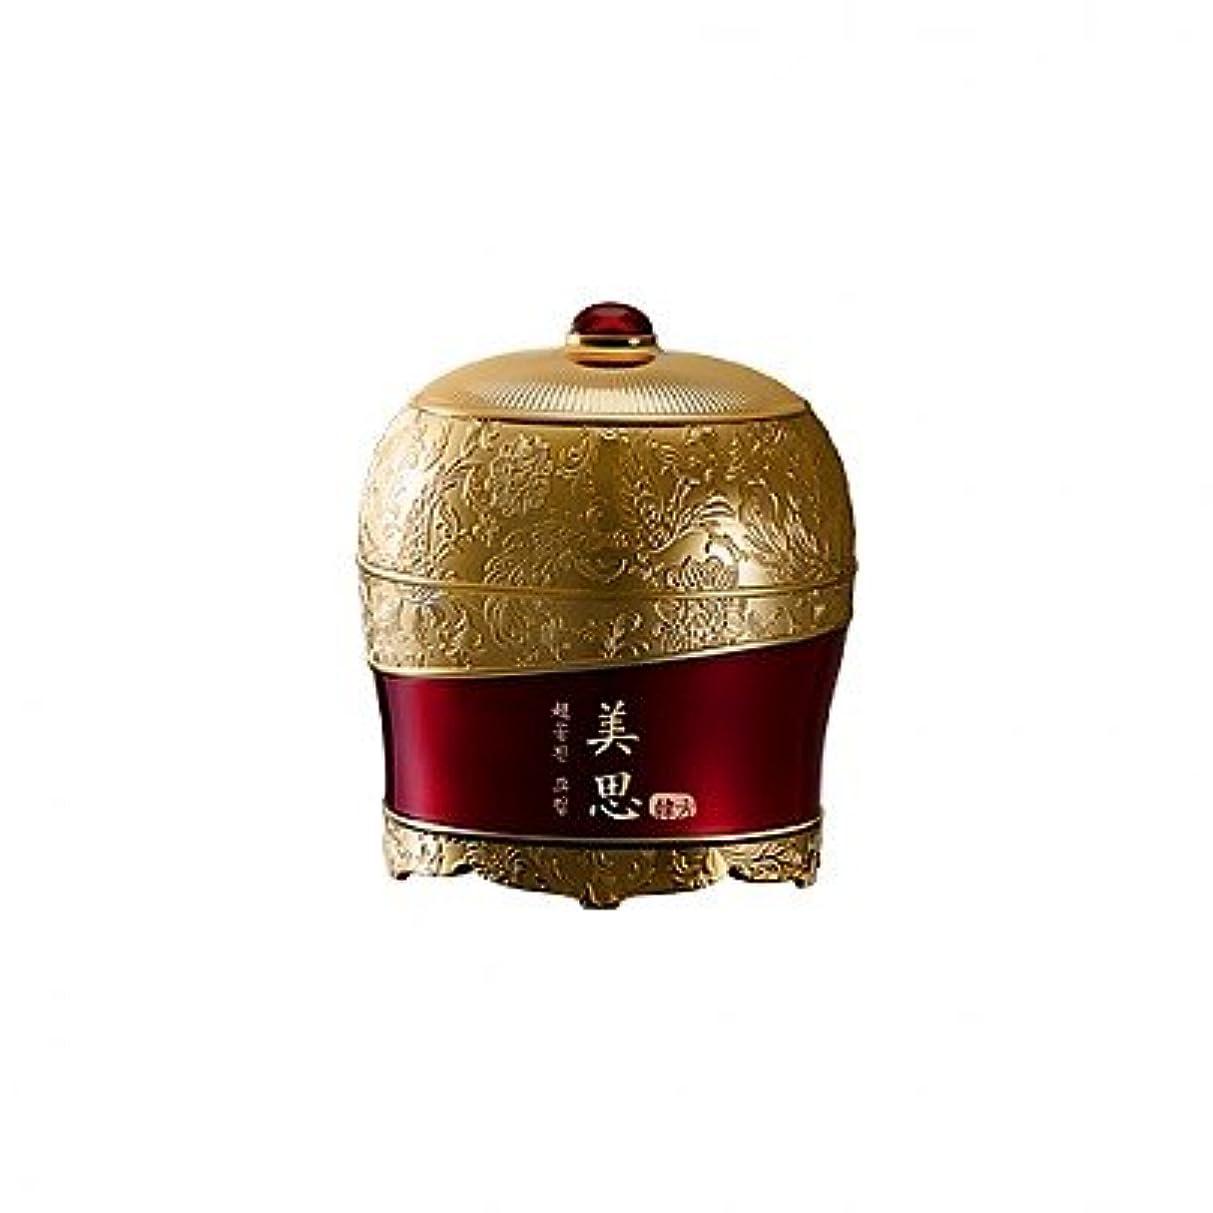 誘う整理するしみMISSHA/ミシャ チョゴンジン クリーム (旧チョボヤン) 60ml[海外直送品]